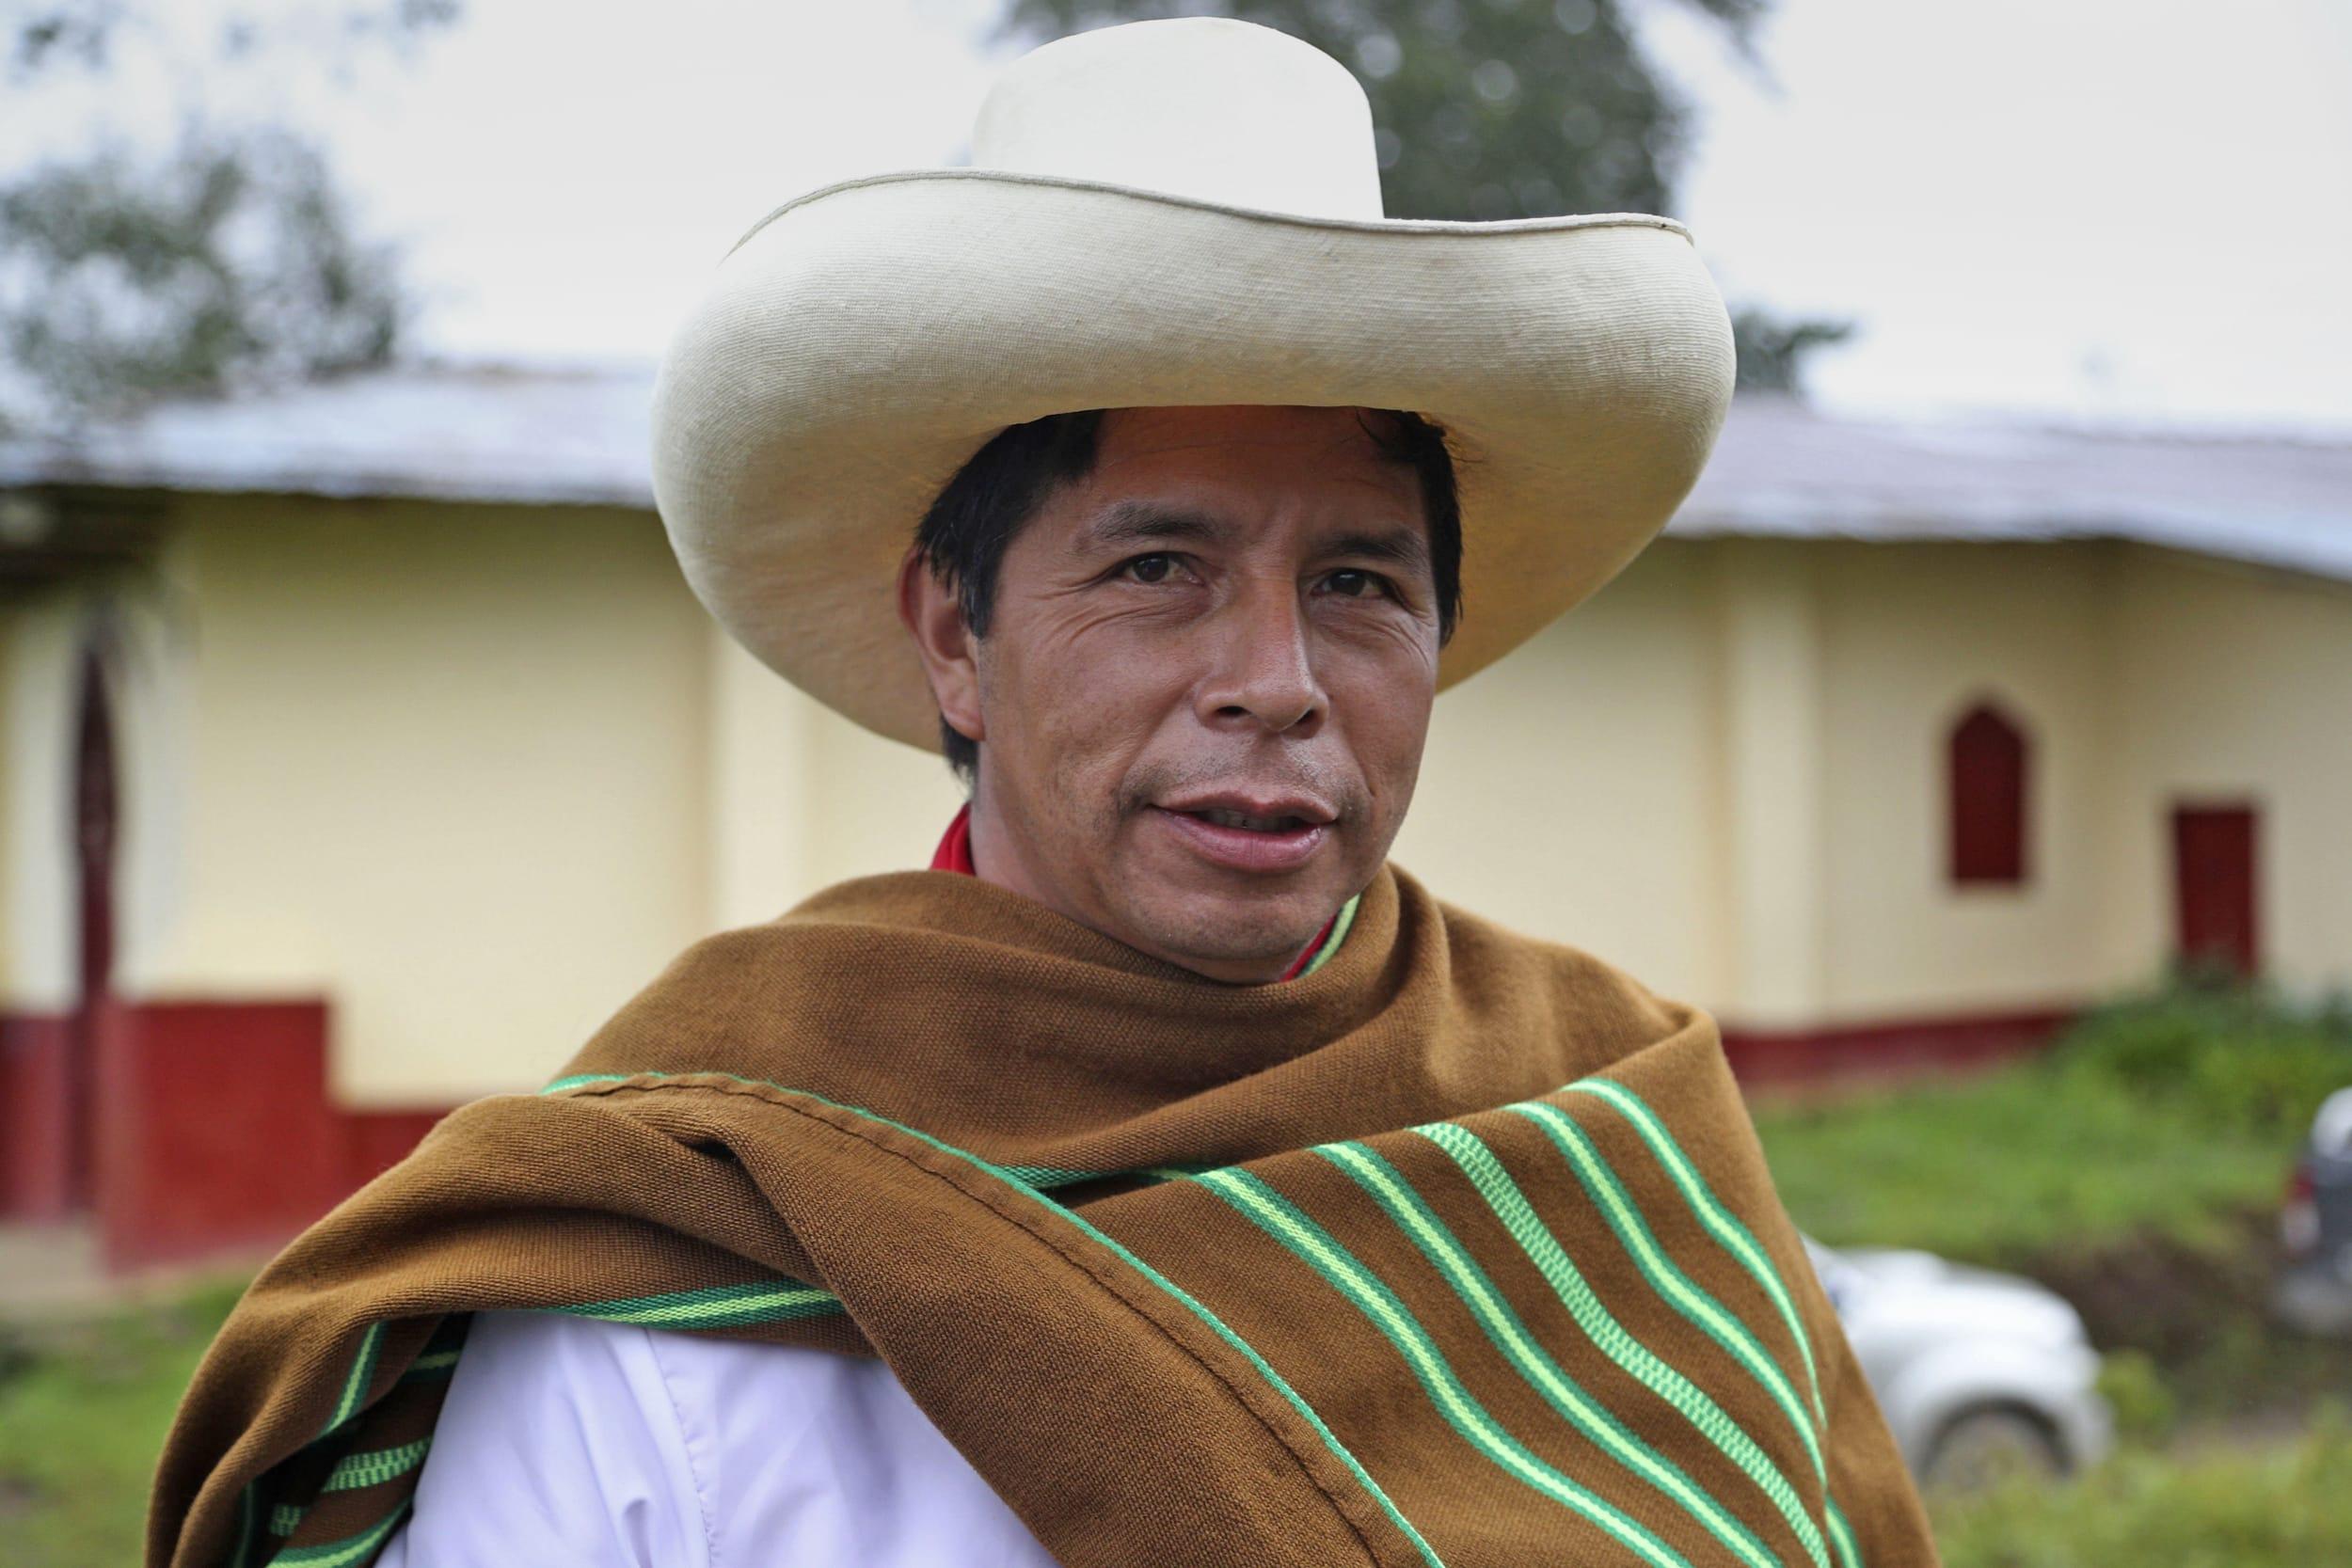 Lecciones de un maestro peruano Por Lautaro Rivara (*) | https://todoslospuentes.com/